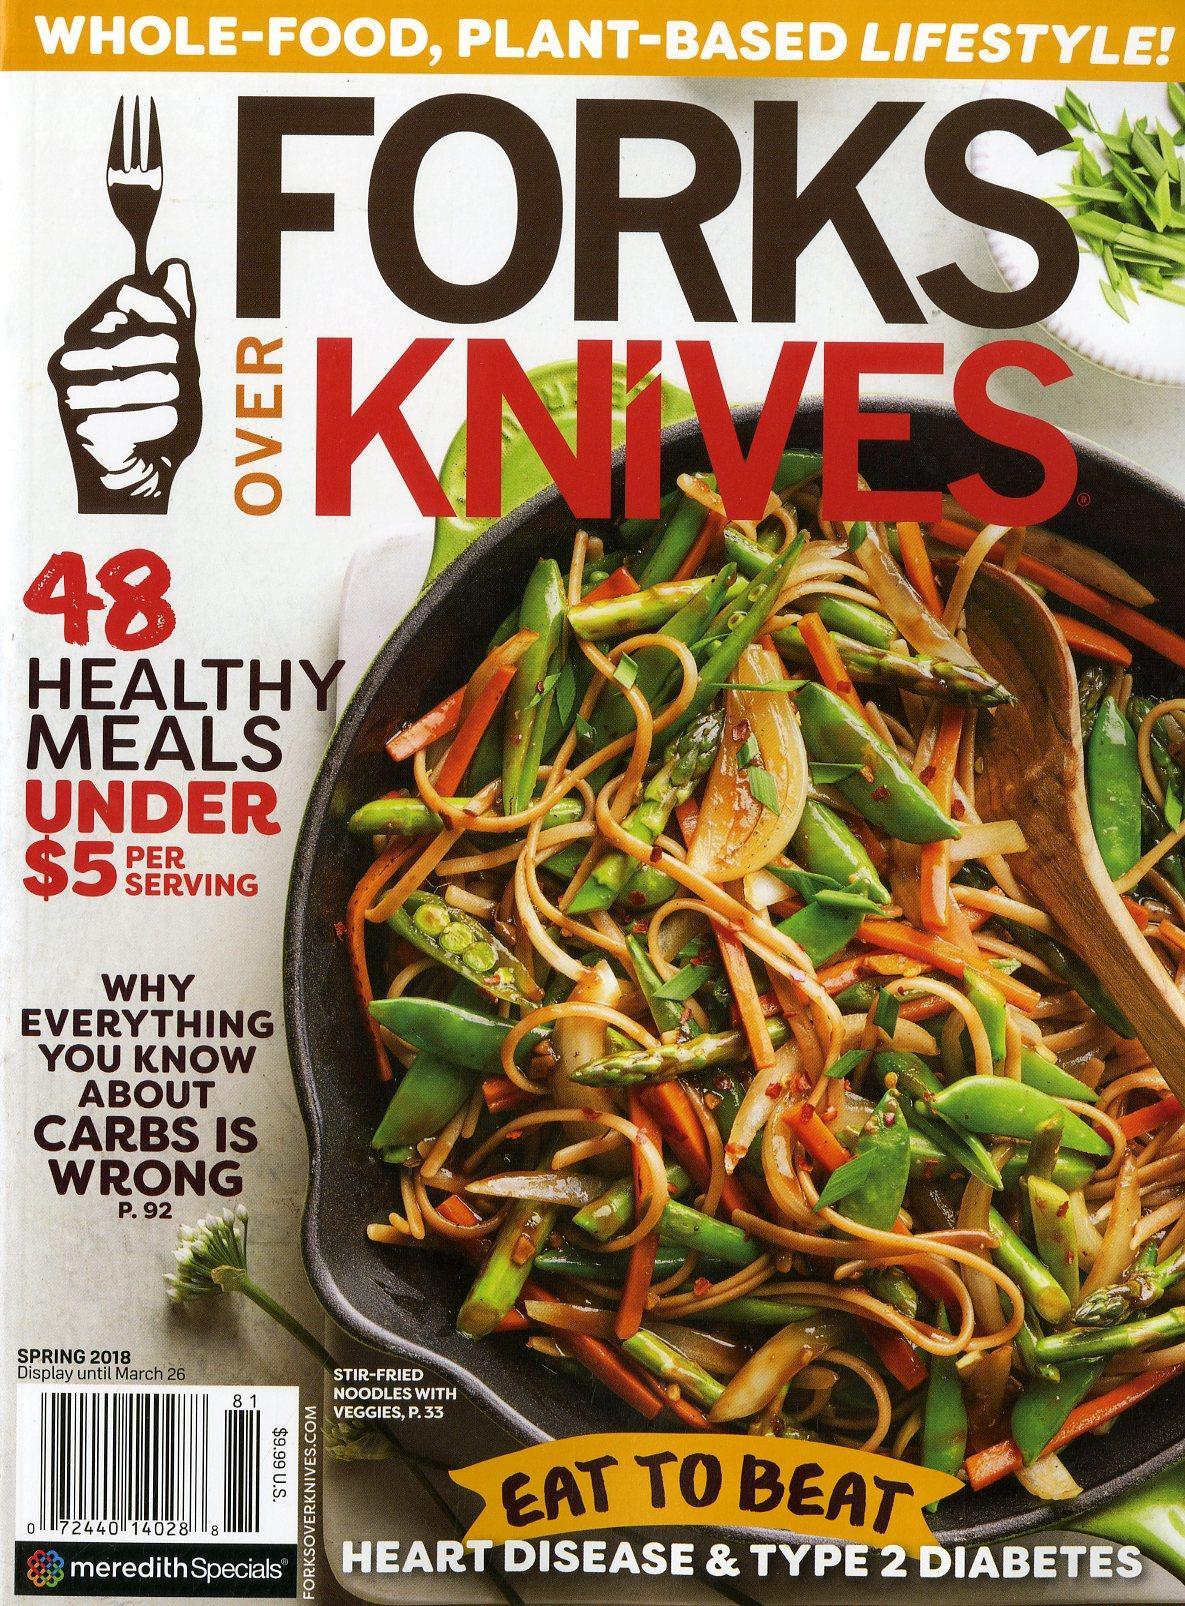 forks over knives ()